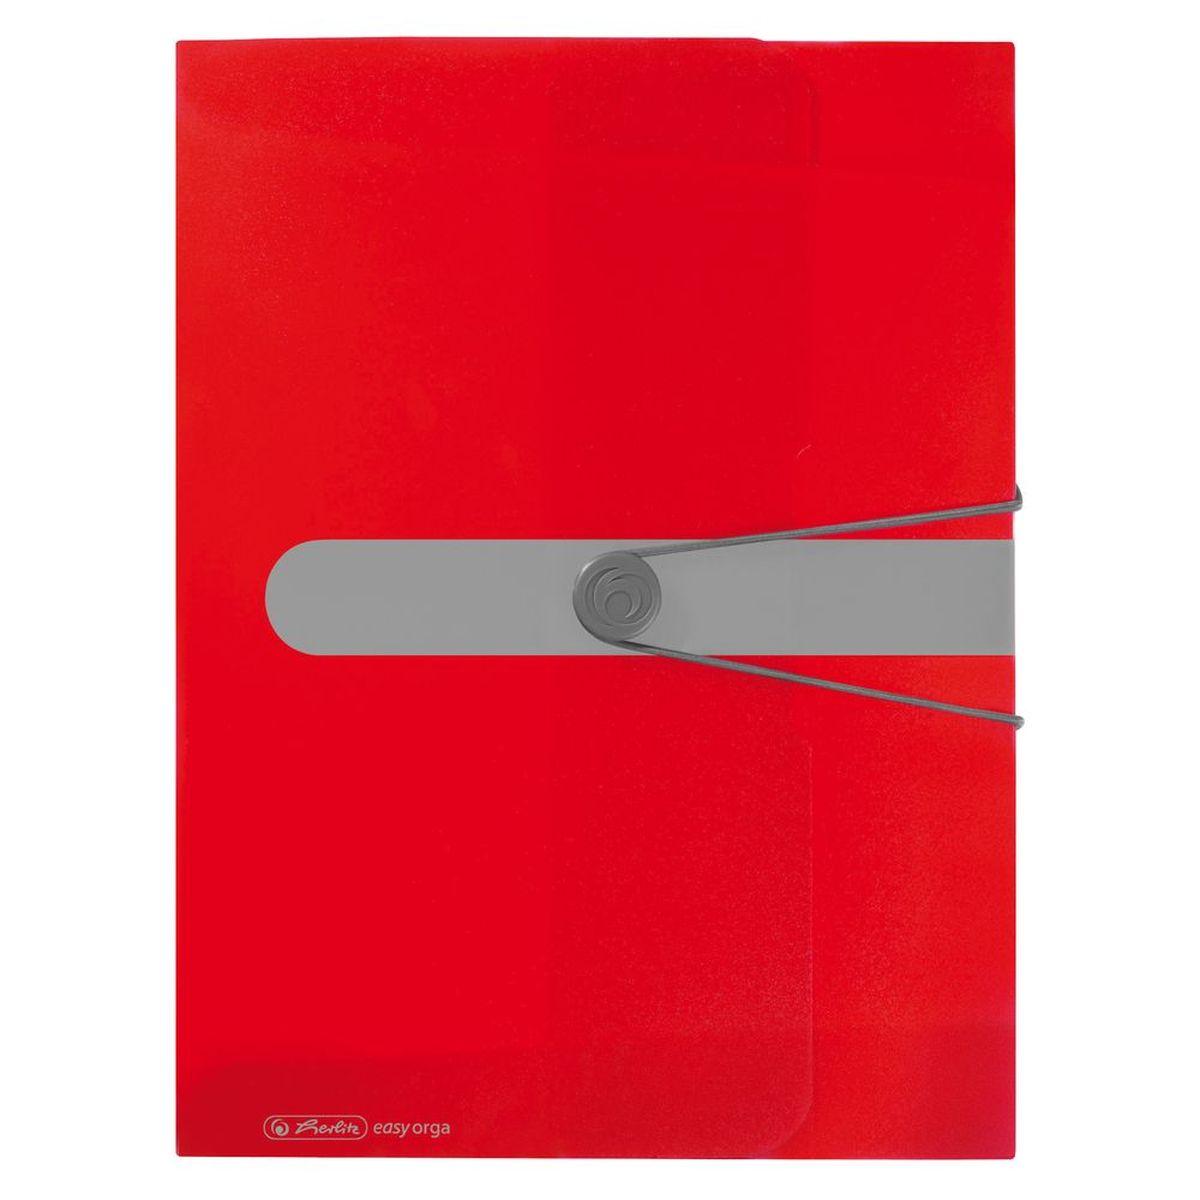 Herlitz Папка-конверт Easy orga to go цвет красный11206158Папка-конверт Herlitz Easy orga to go станет вашим верным помощником дома и в офисе. Это удобный и функциональный инструмент, предназначенный для хранения и транспортировки больших объемов рабочих бумаг и документов формата А4. Папка изготовлена из износостойкого пластика и качественного полипропилена. Состоит из одного вместительного отделения. Закрывается папка при помощи резинки, а на корешке папки есть ярлычок. Папка - это незаменимый атрибут для любого студента, школьника или офисного работника. Такая папка надежно сохранит ваши бумаги и сбережет их от повреждений, пыли и влаги.